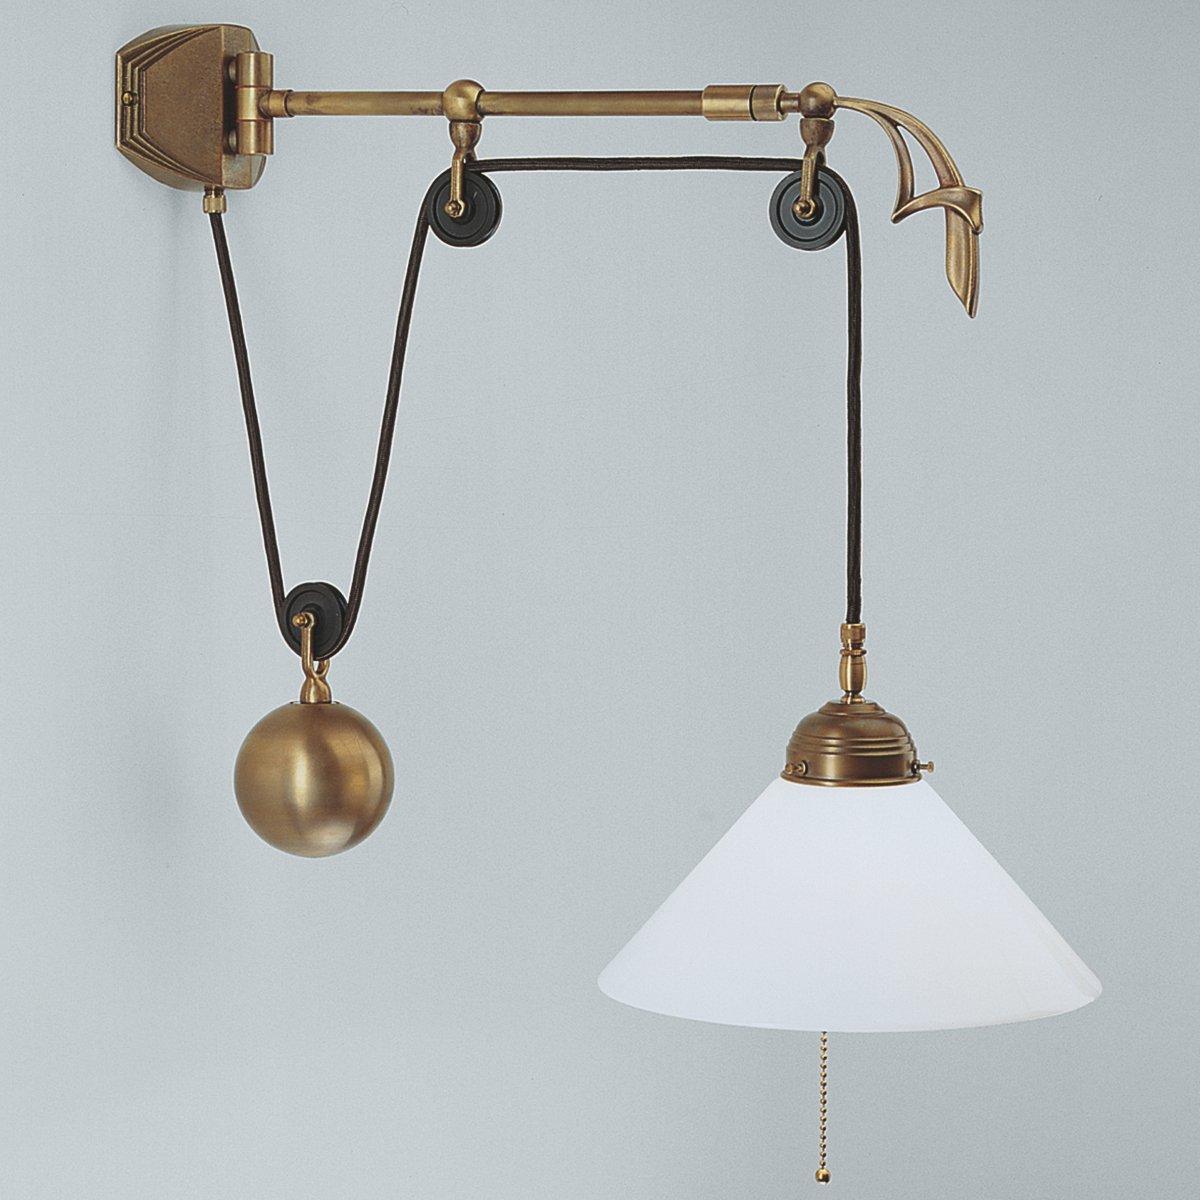 ausziehbare wandleuchte mit zug von berliner messinglampen. Black Bedroom Furniture Sets. Home Design Ideas